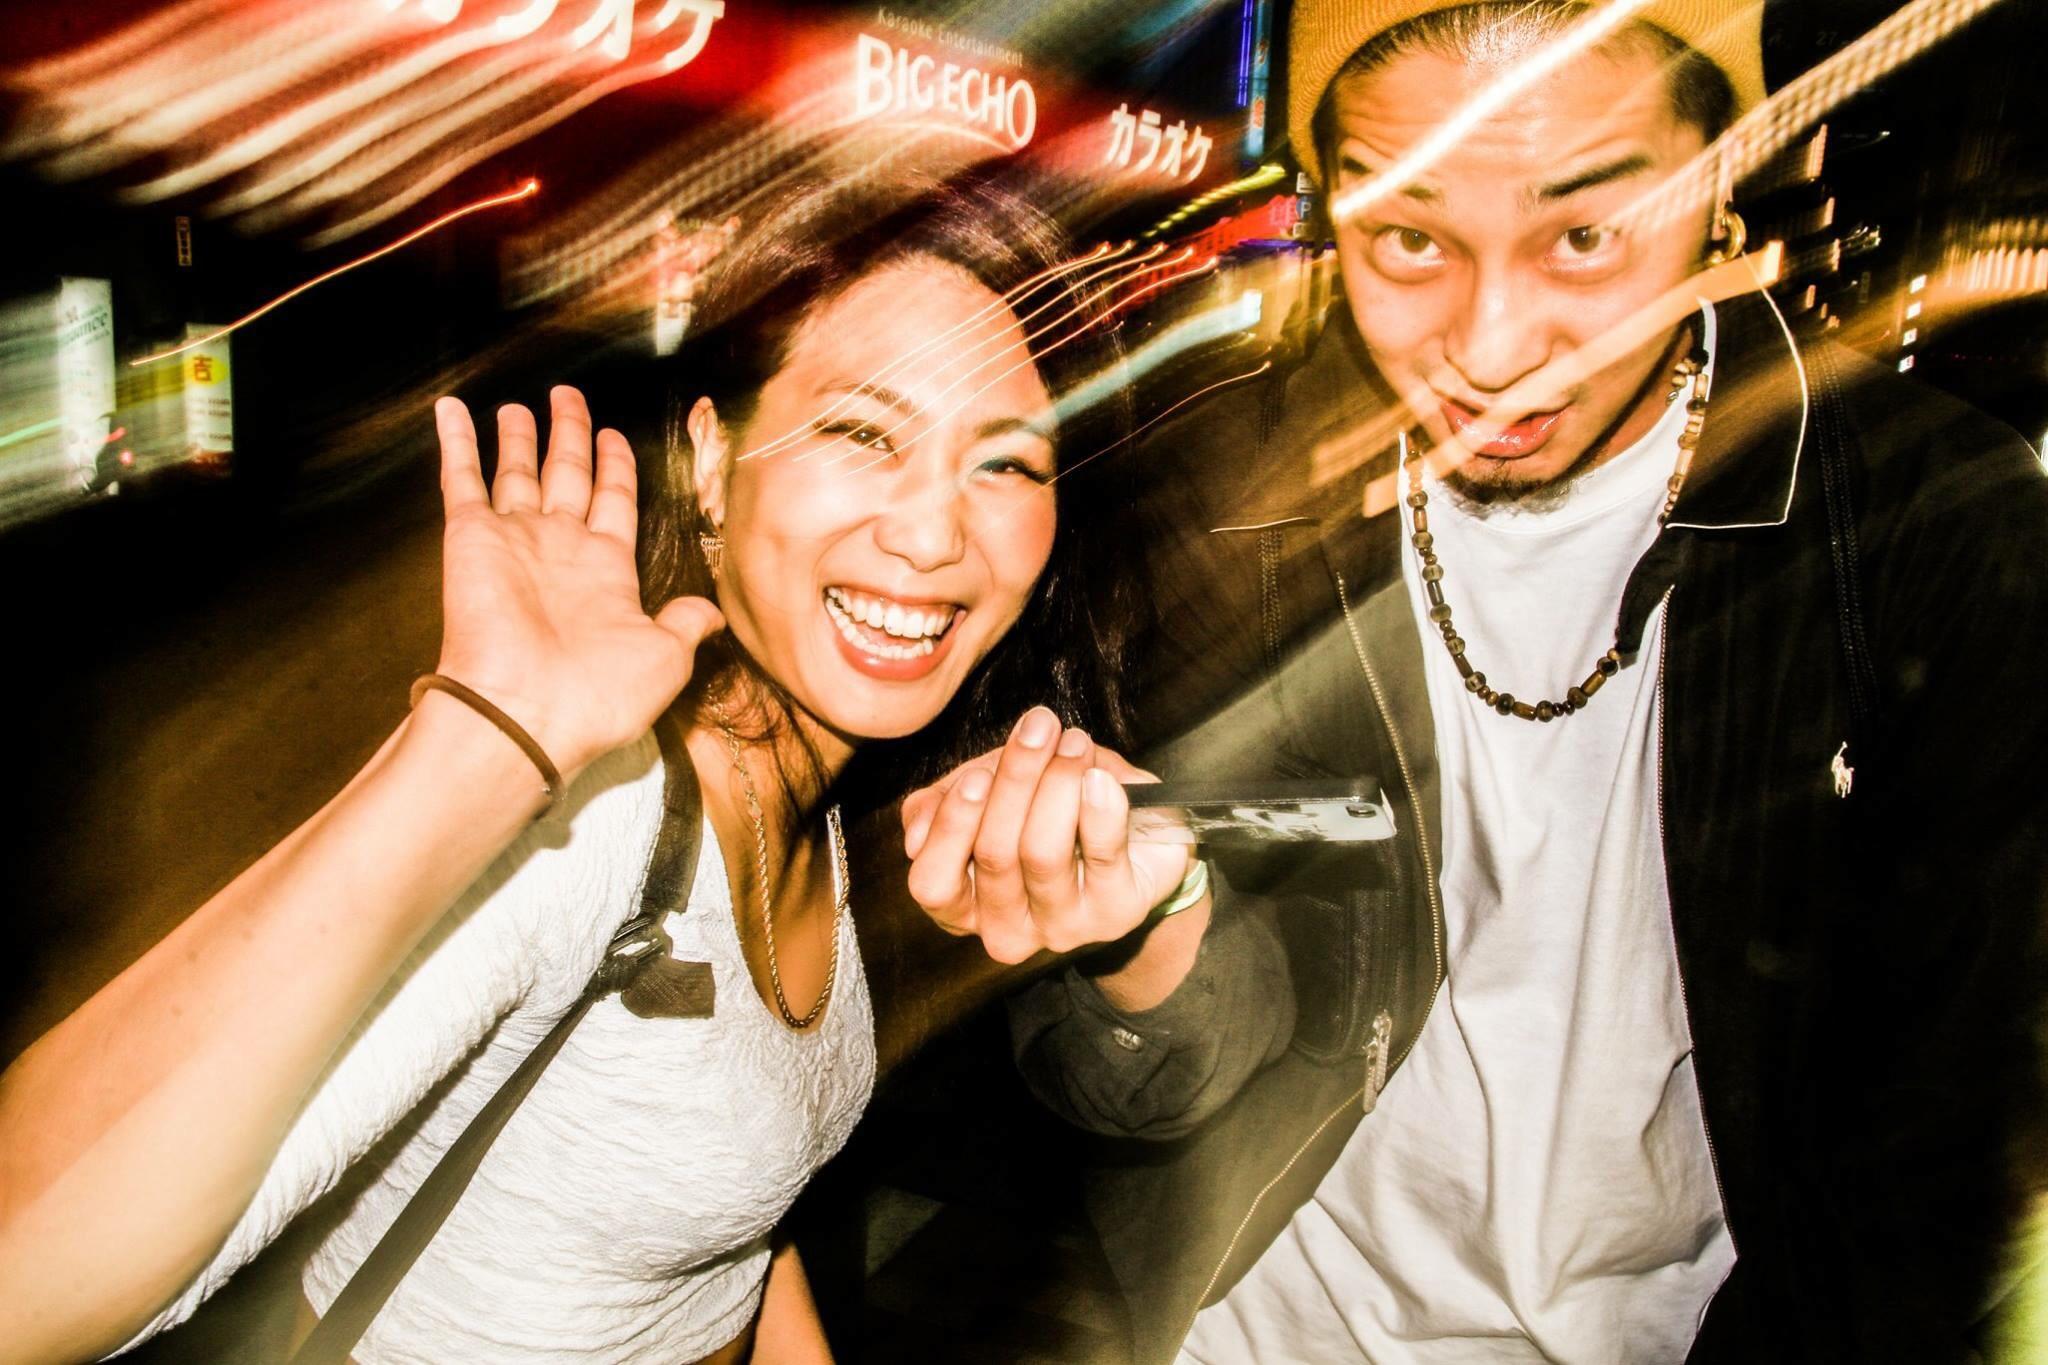 Sally&MTK IN TOKYO STREET ft.tkwfunkypop